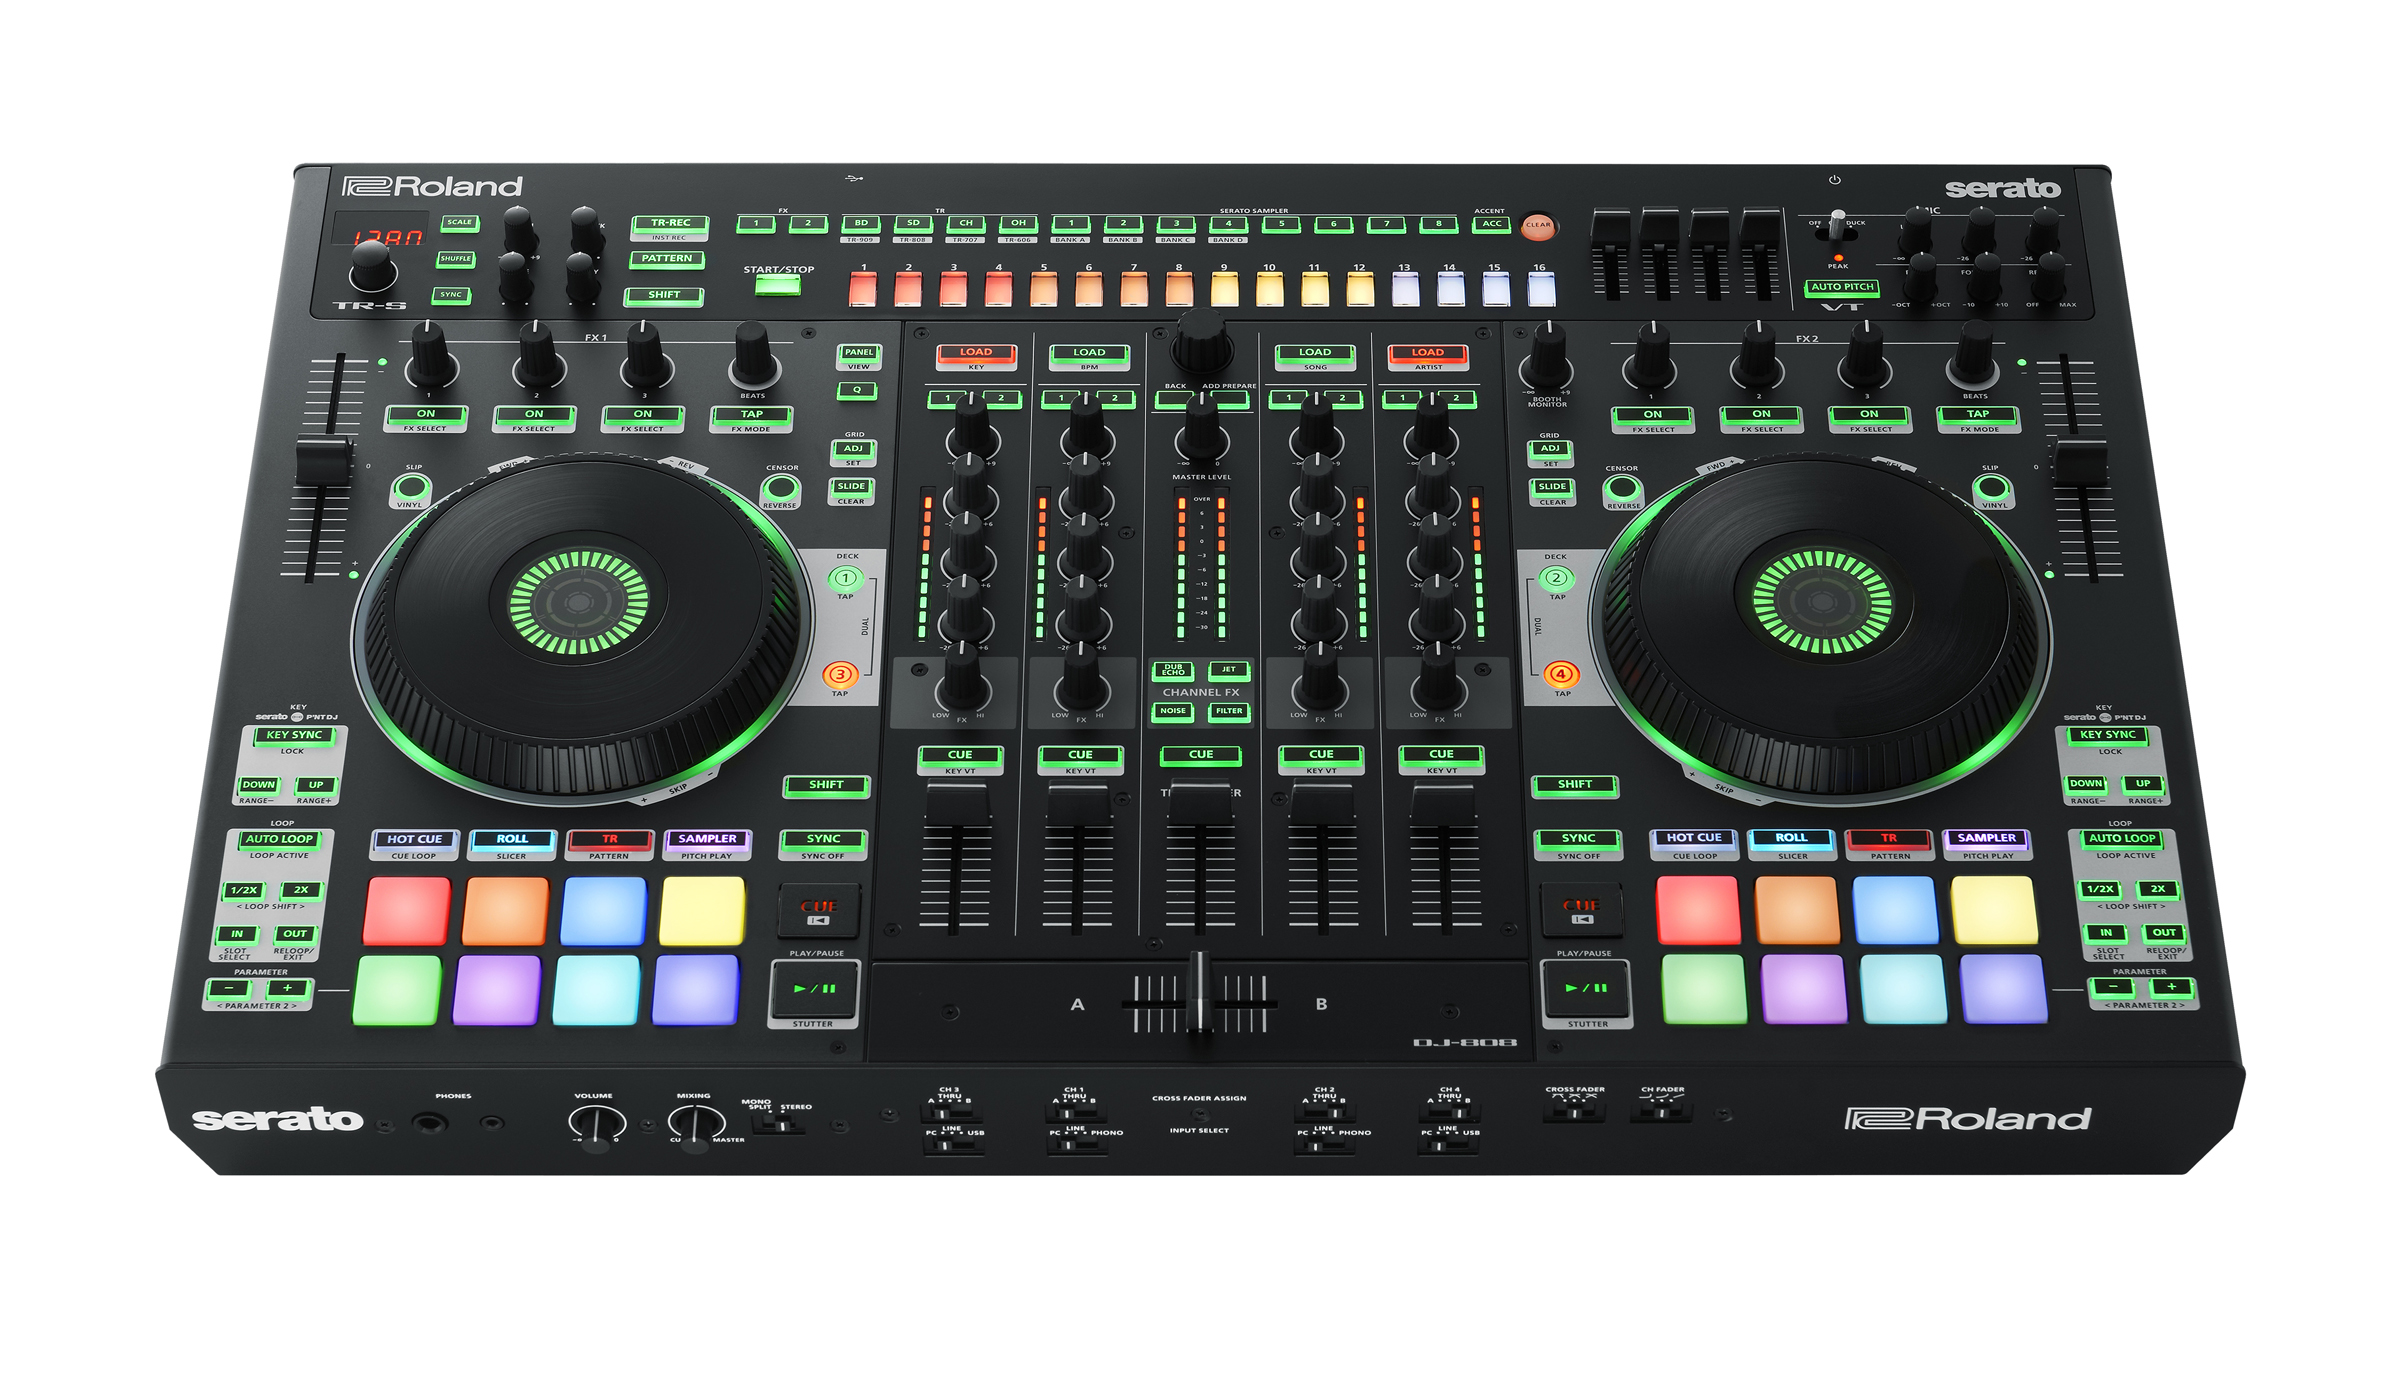 http://www.clynemedia.com/Roland/CES17_PreShow/Roland_DJ-808_Top_Angle.jpg